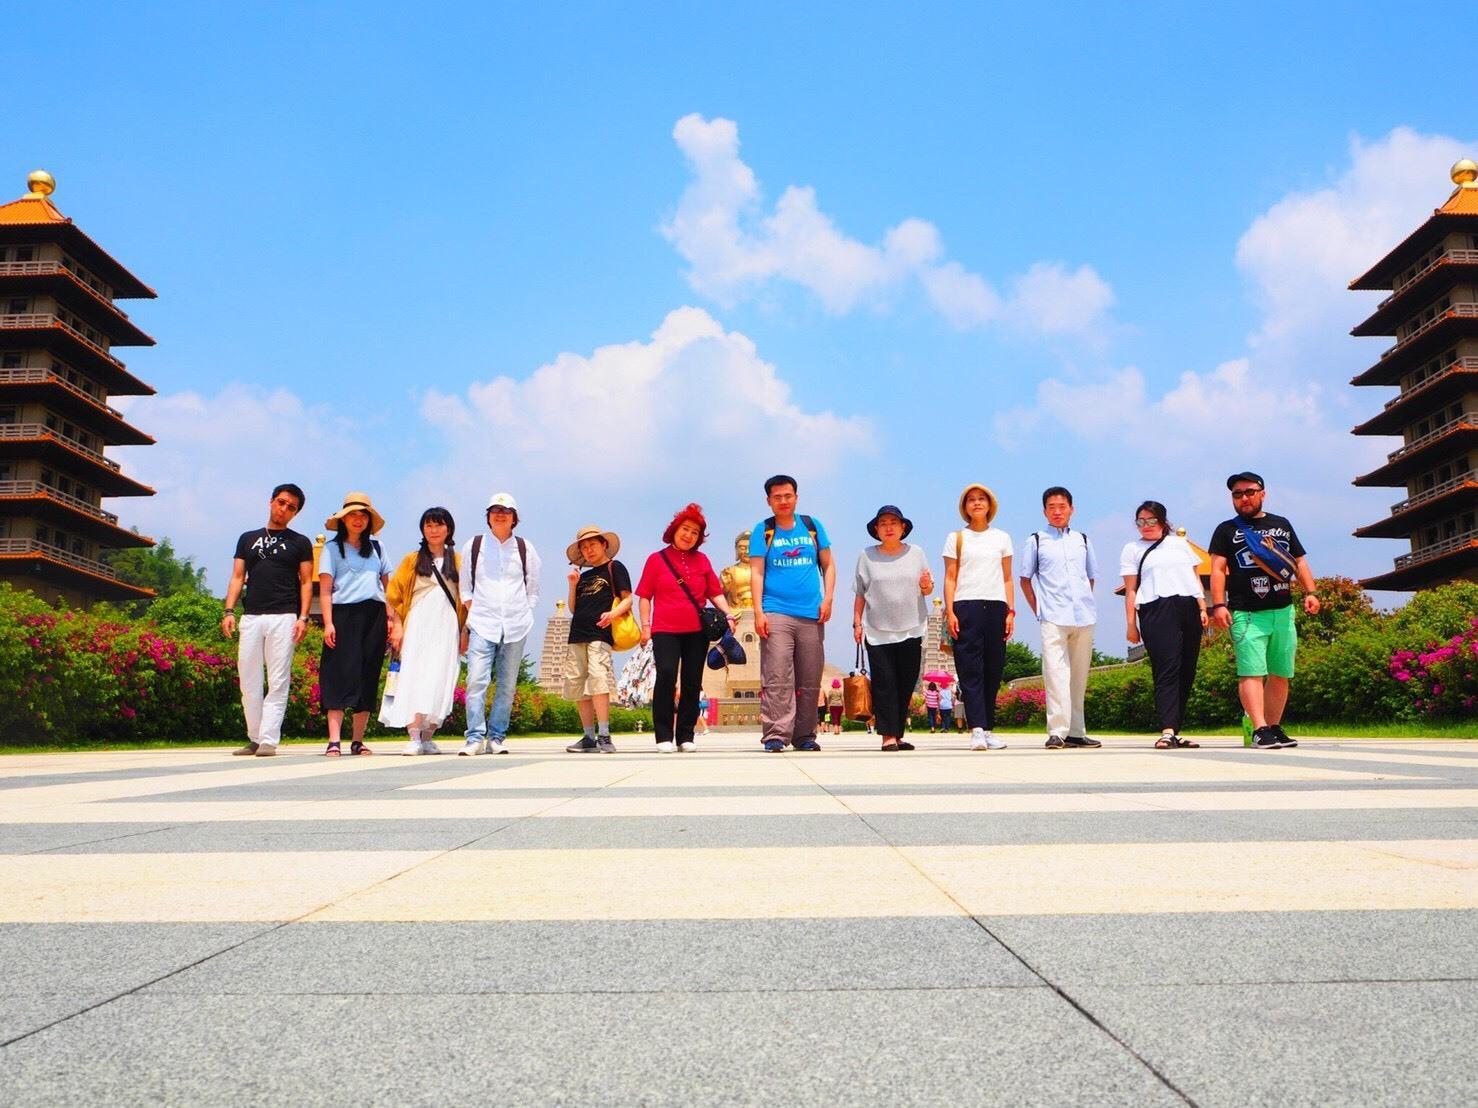 日本の声優と台湾高雄の友好_a0163623_22151114.jpg